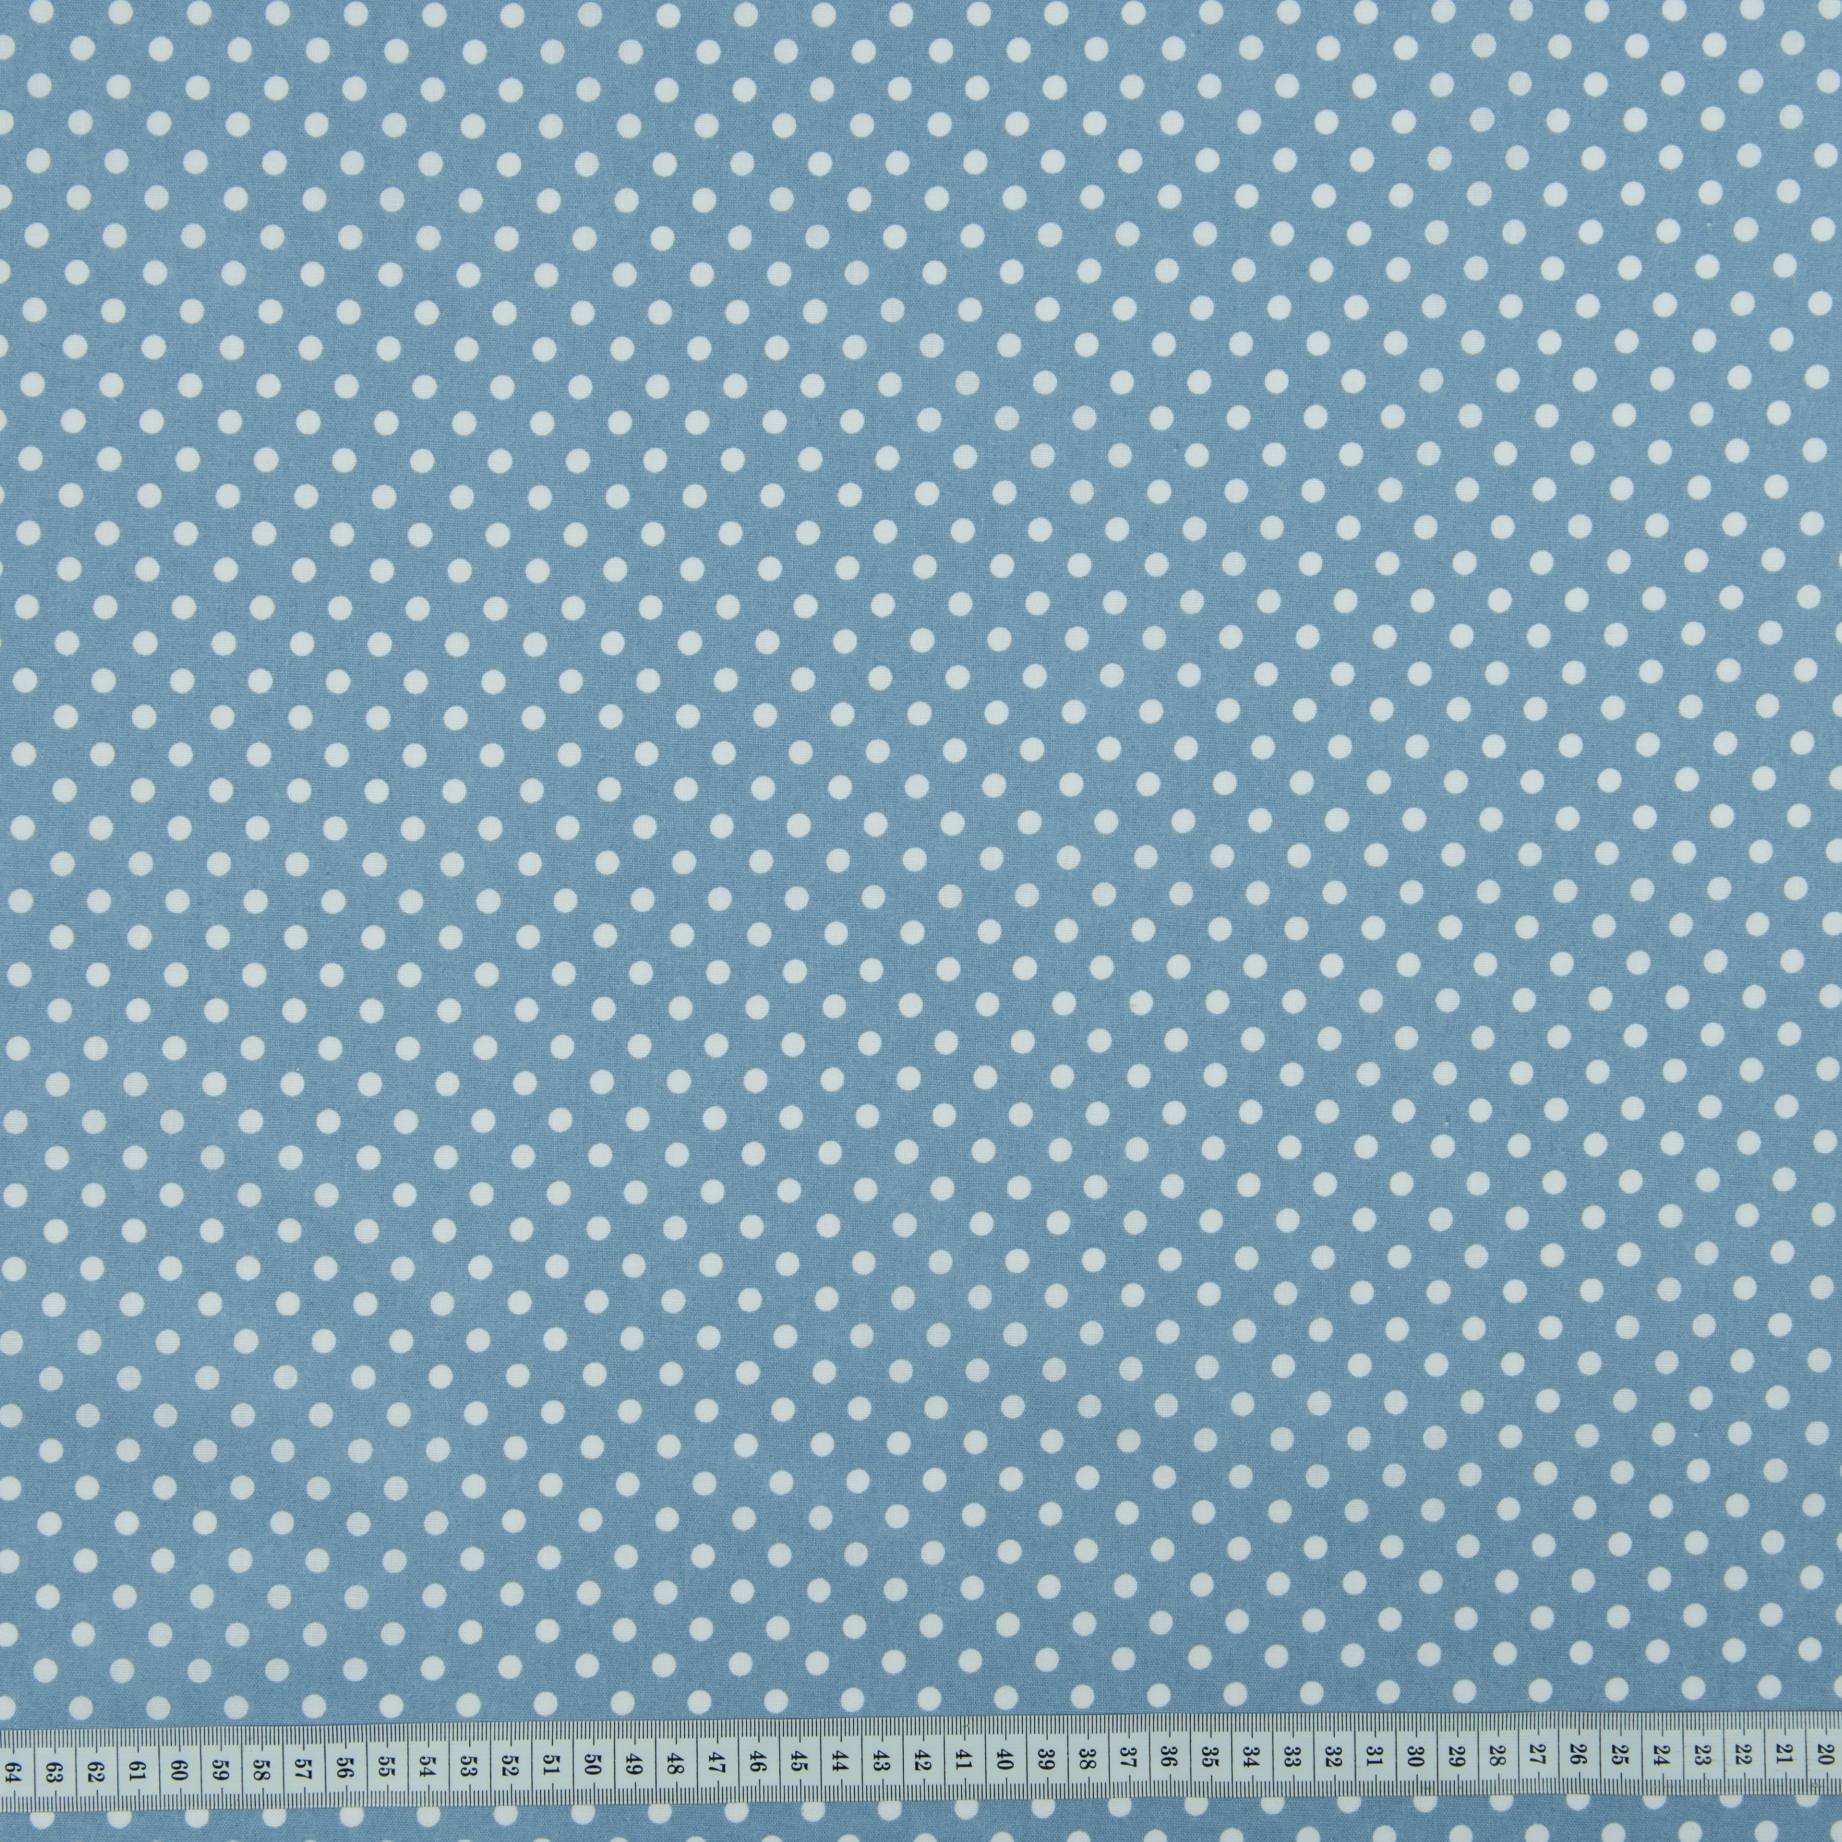 Бязь набивная, Горохи, синяя, плотность 120, 50x55, хлопок 100%